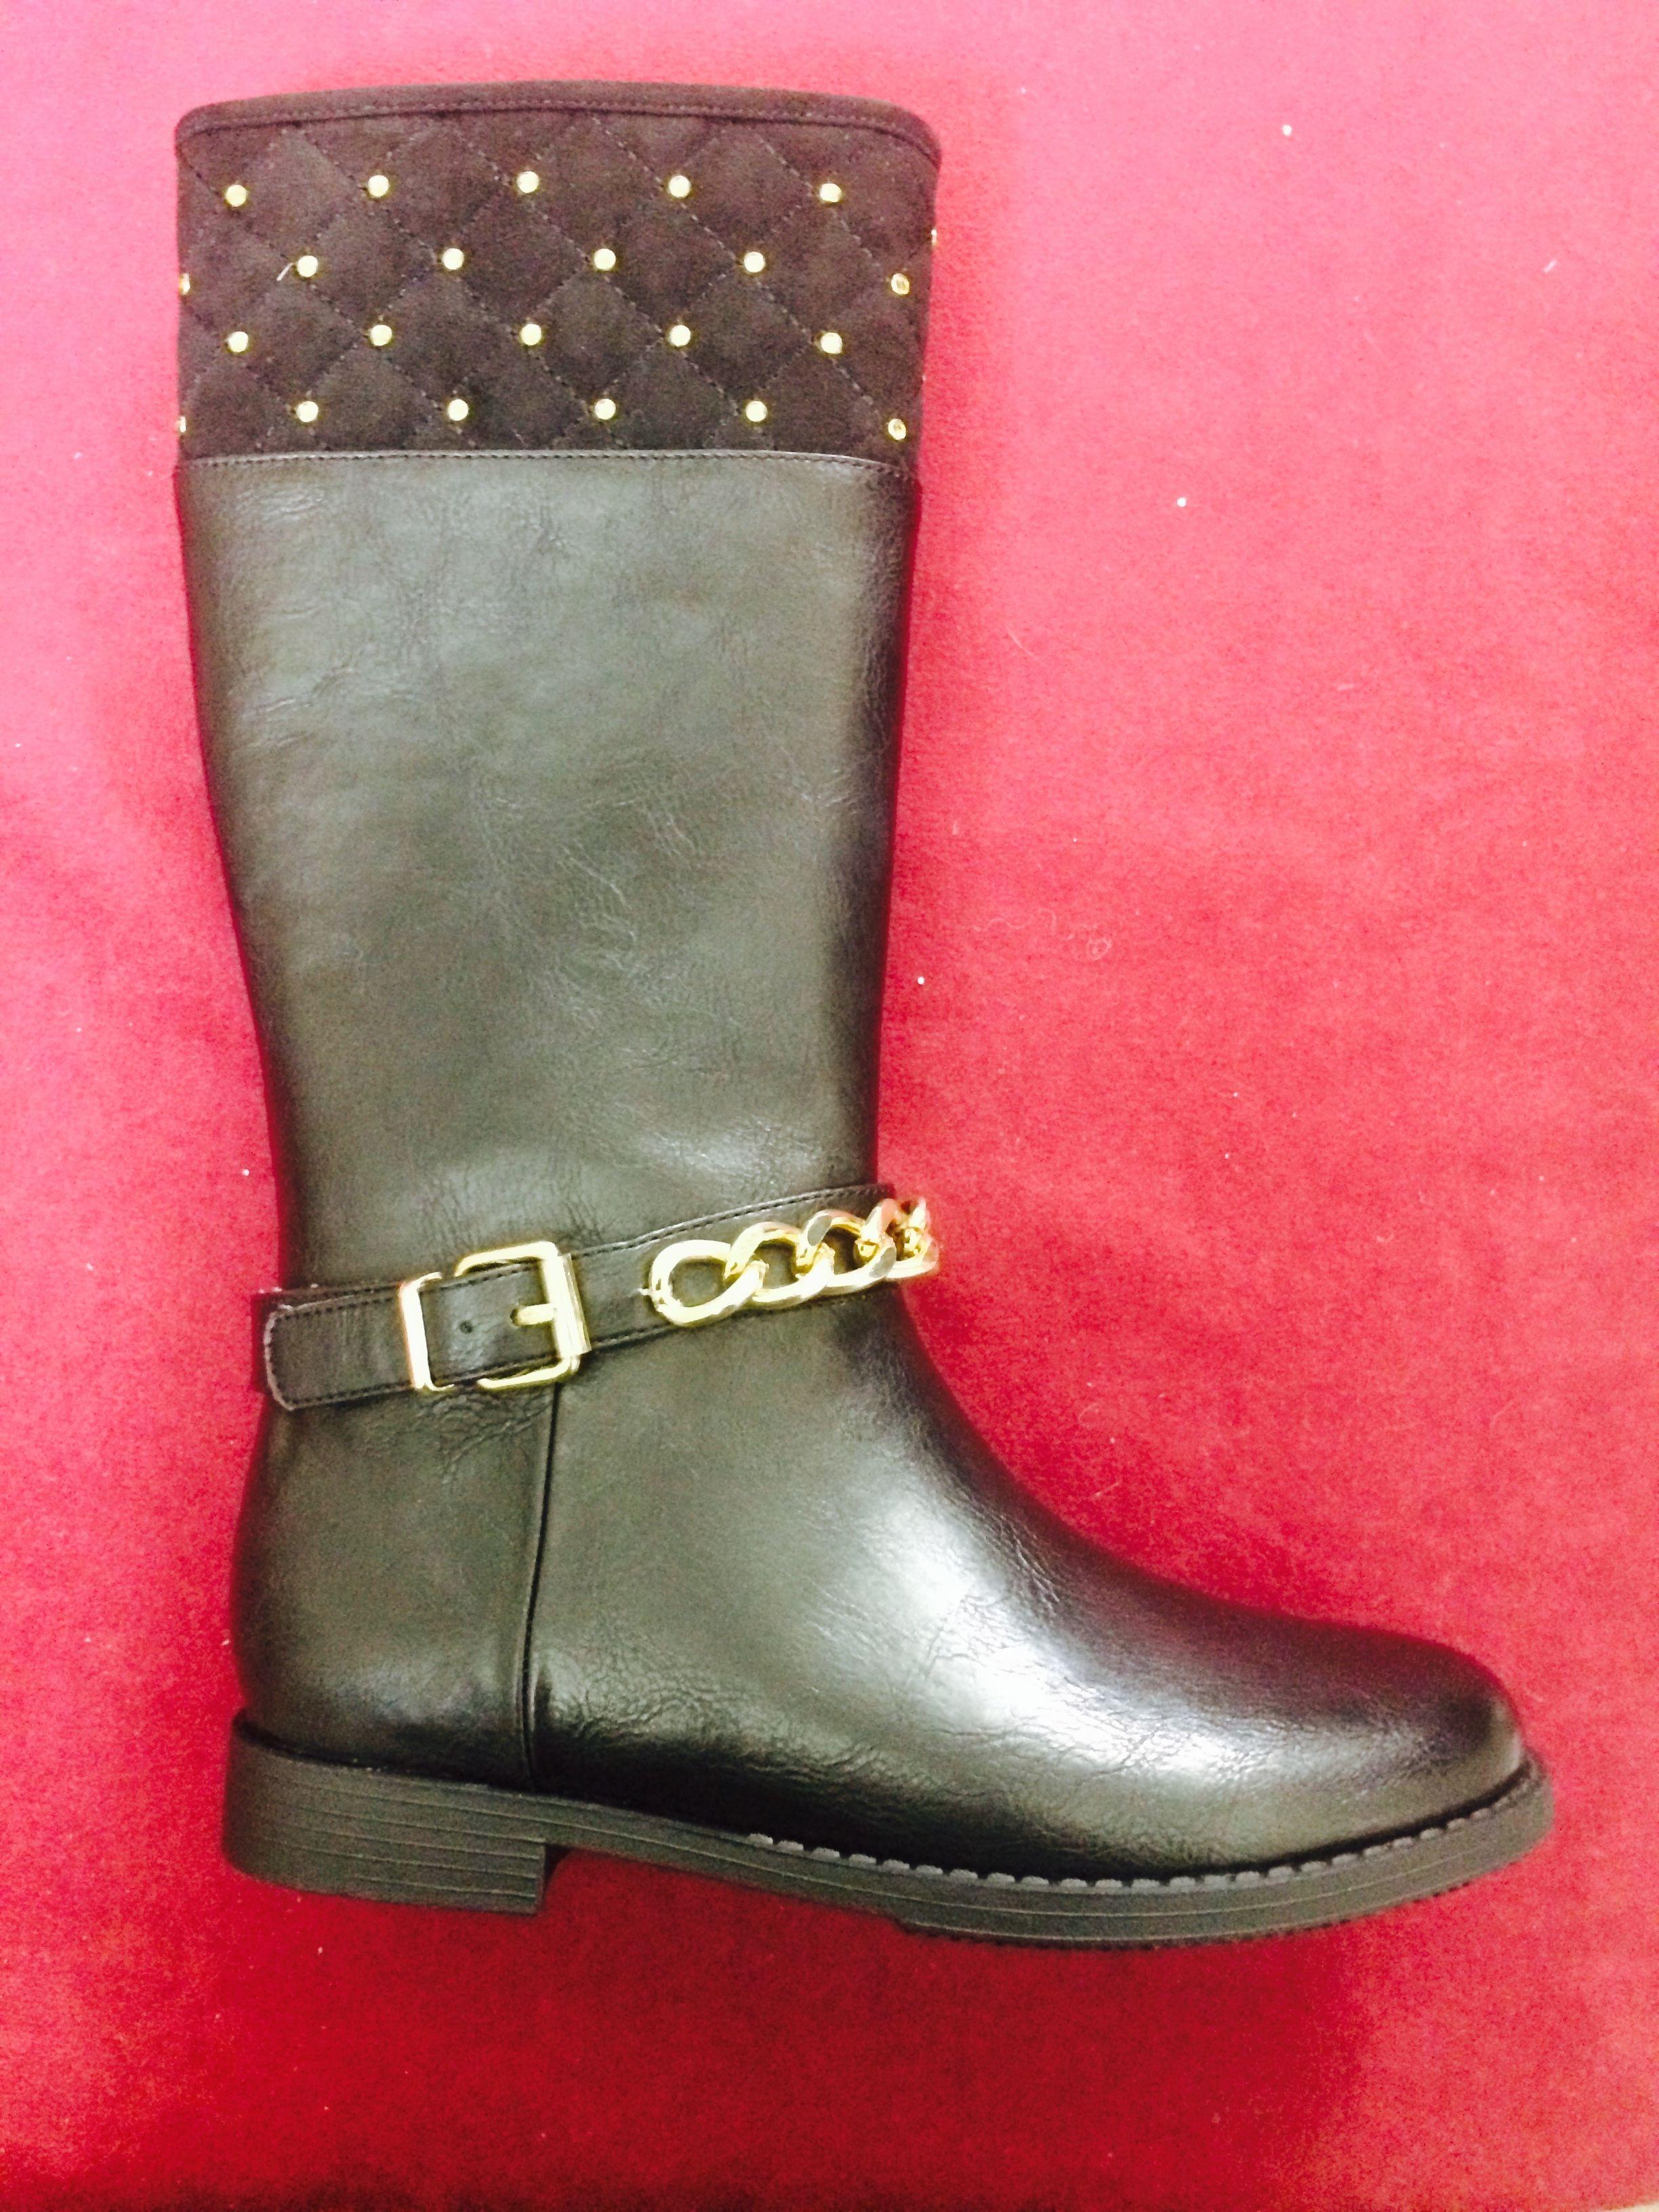 boots designed by Lisa Cronin Arida